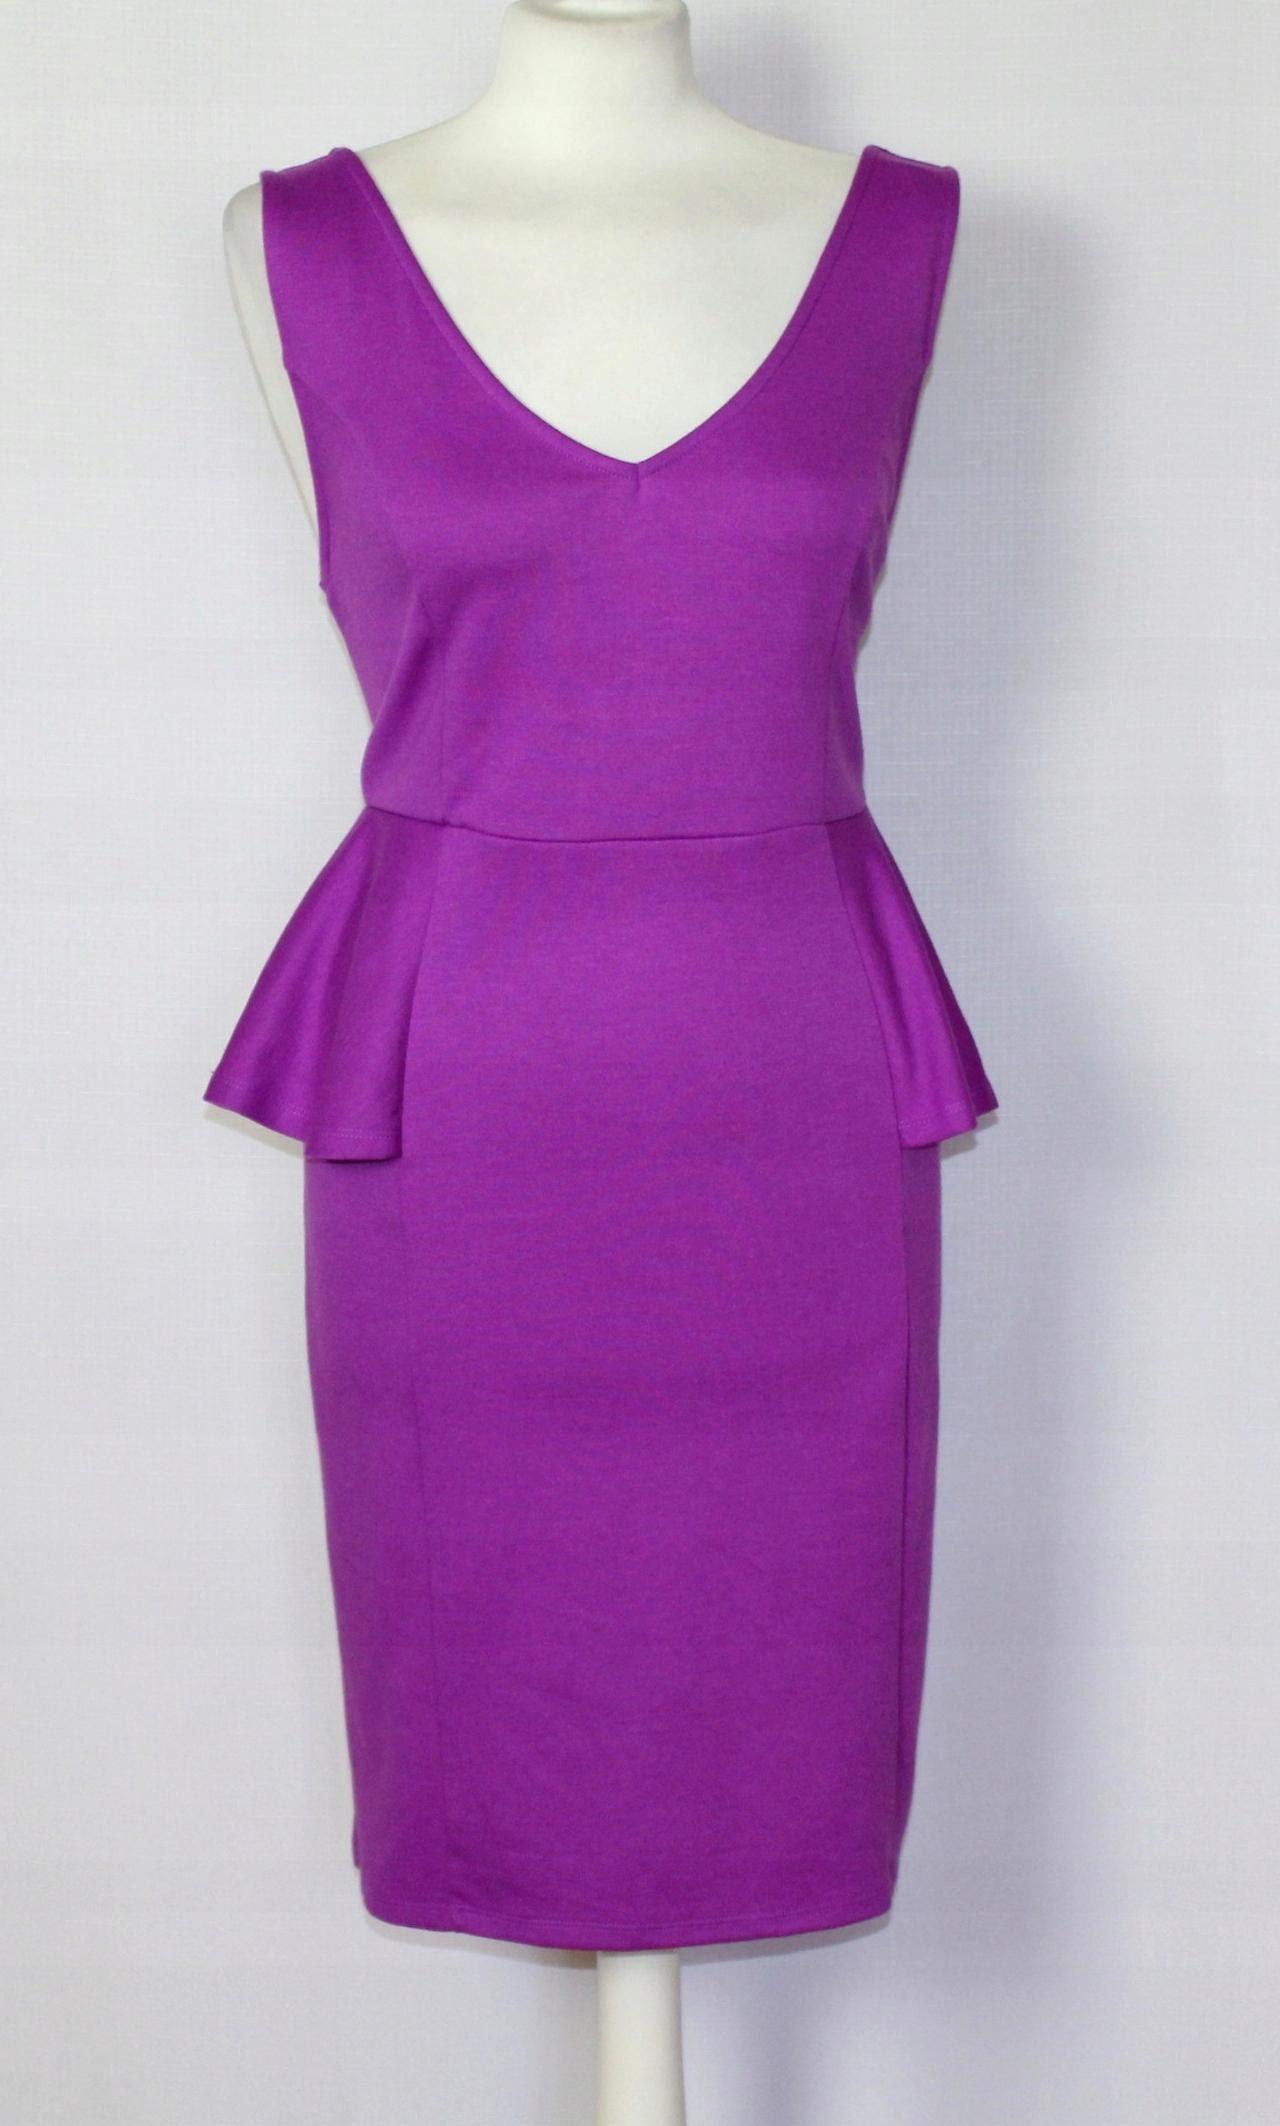 45dad09cba Fioletowa ołówkowa sukienka z baskinką 42 XL 14 - 7507985848 ...